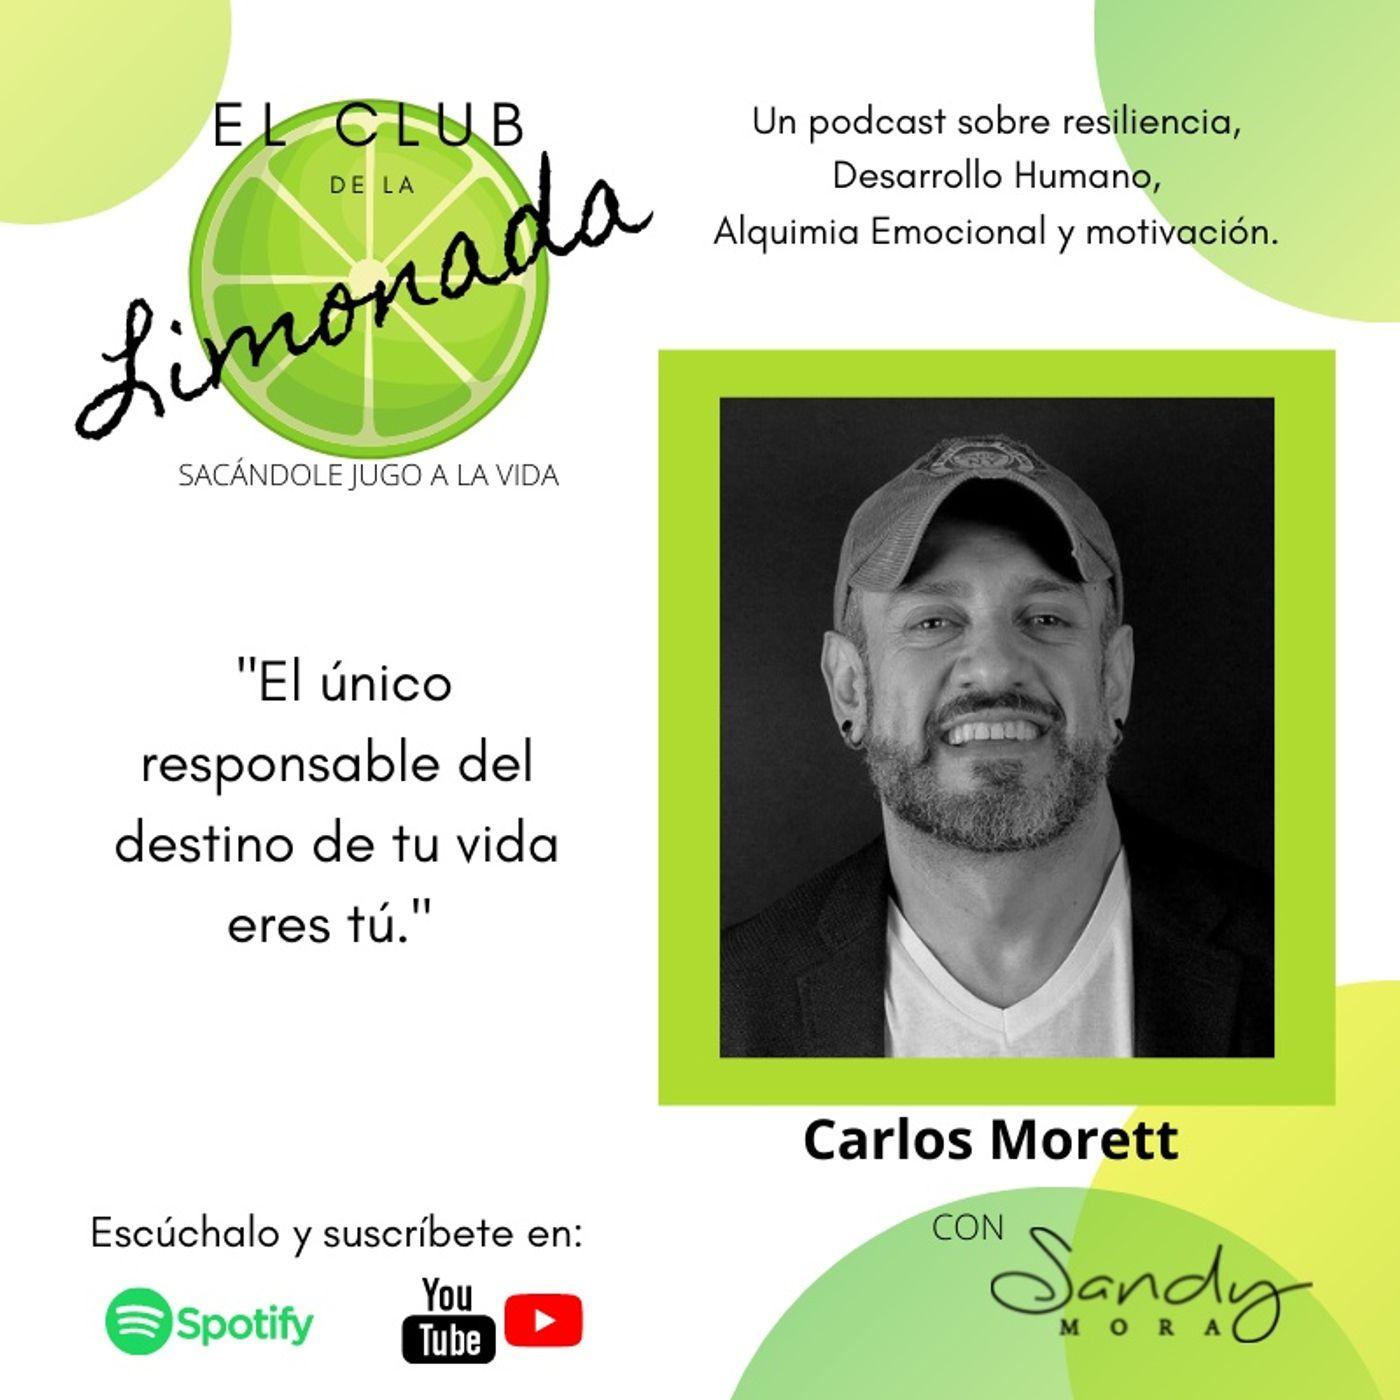 Episodio 54: Carlos Morett, reventar el victimismo y ponernos chingones.